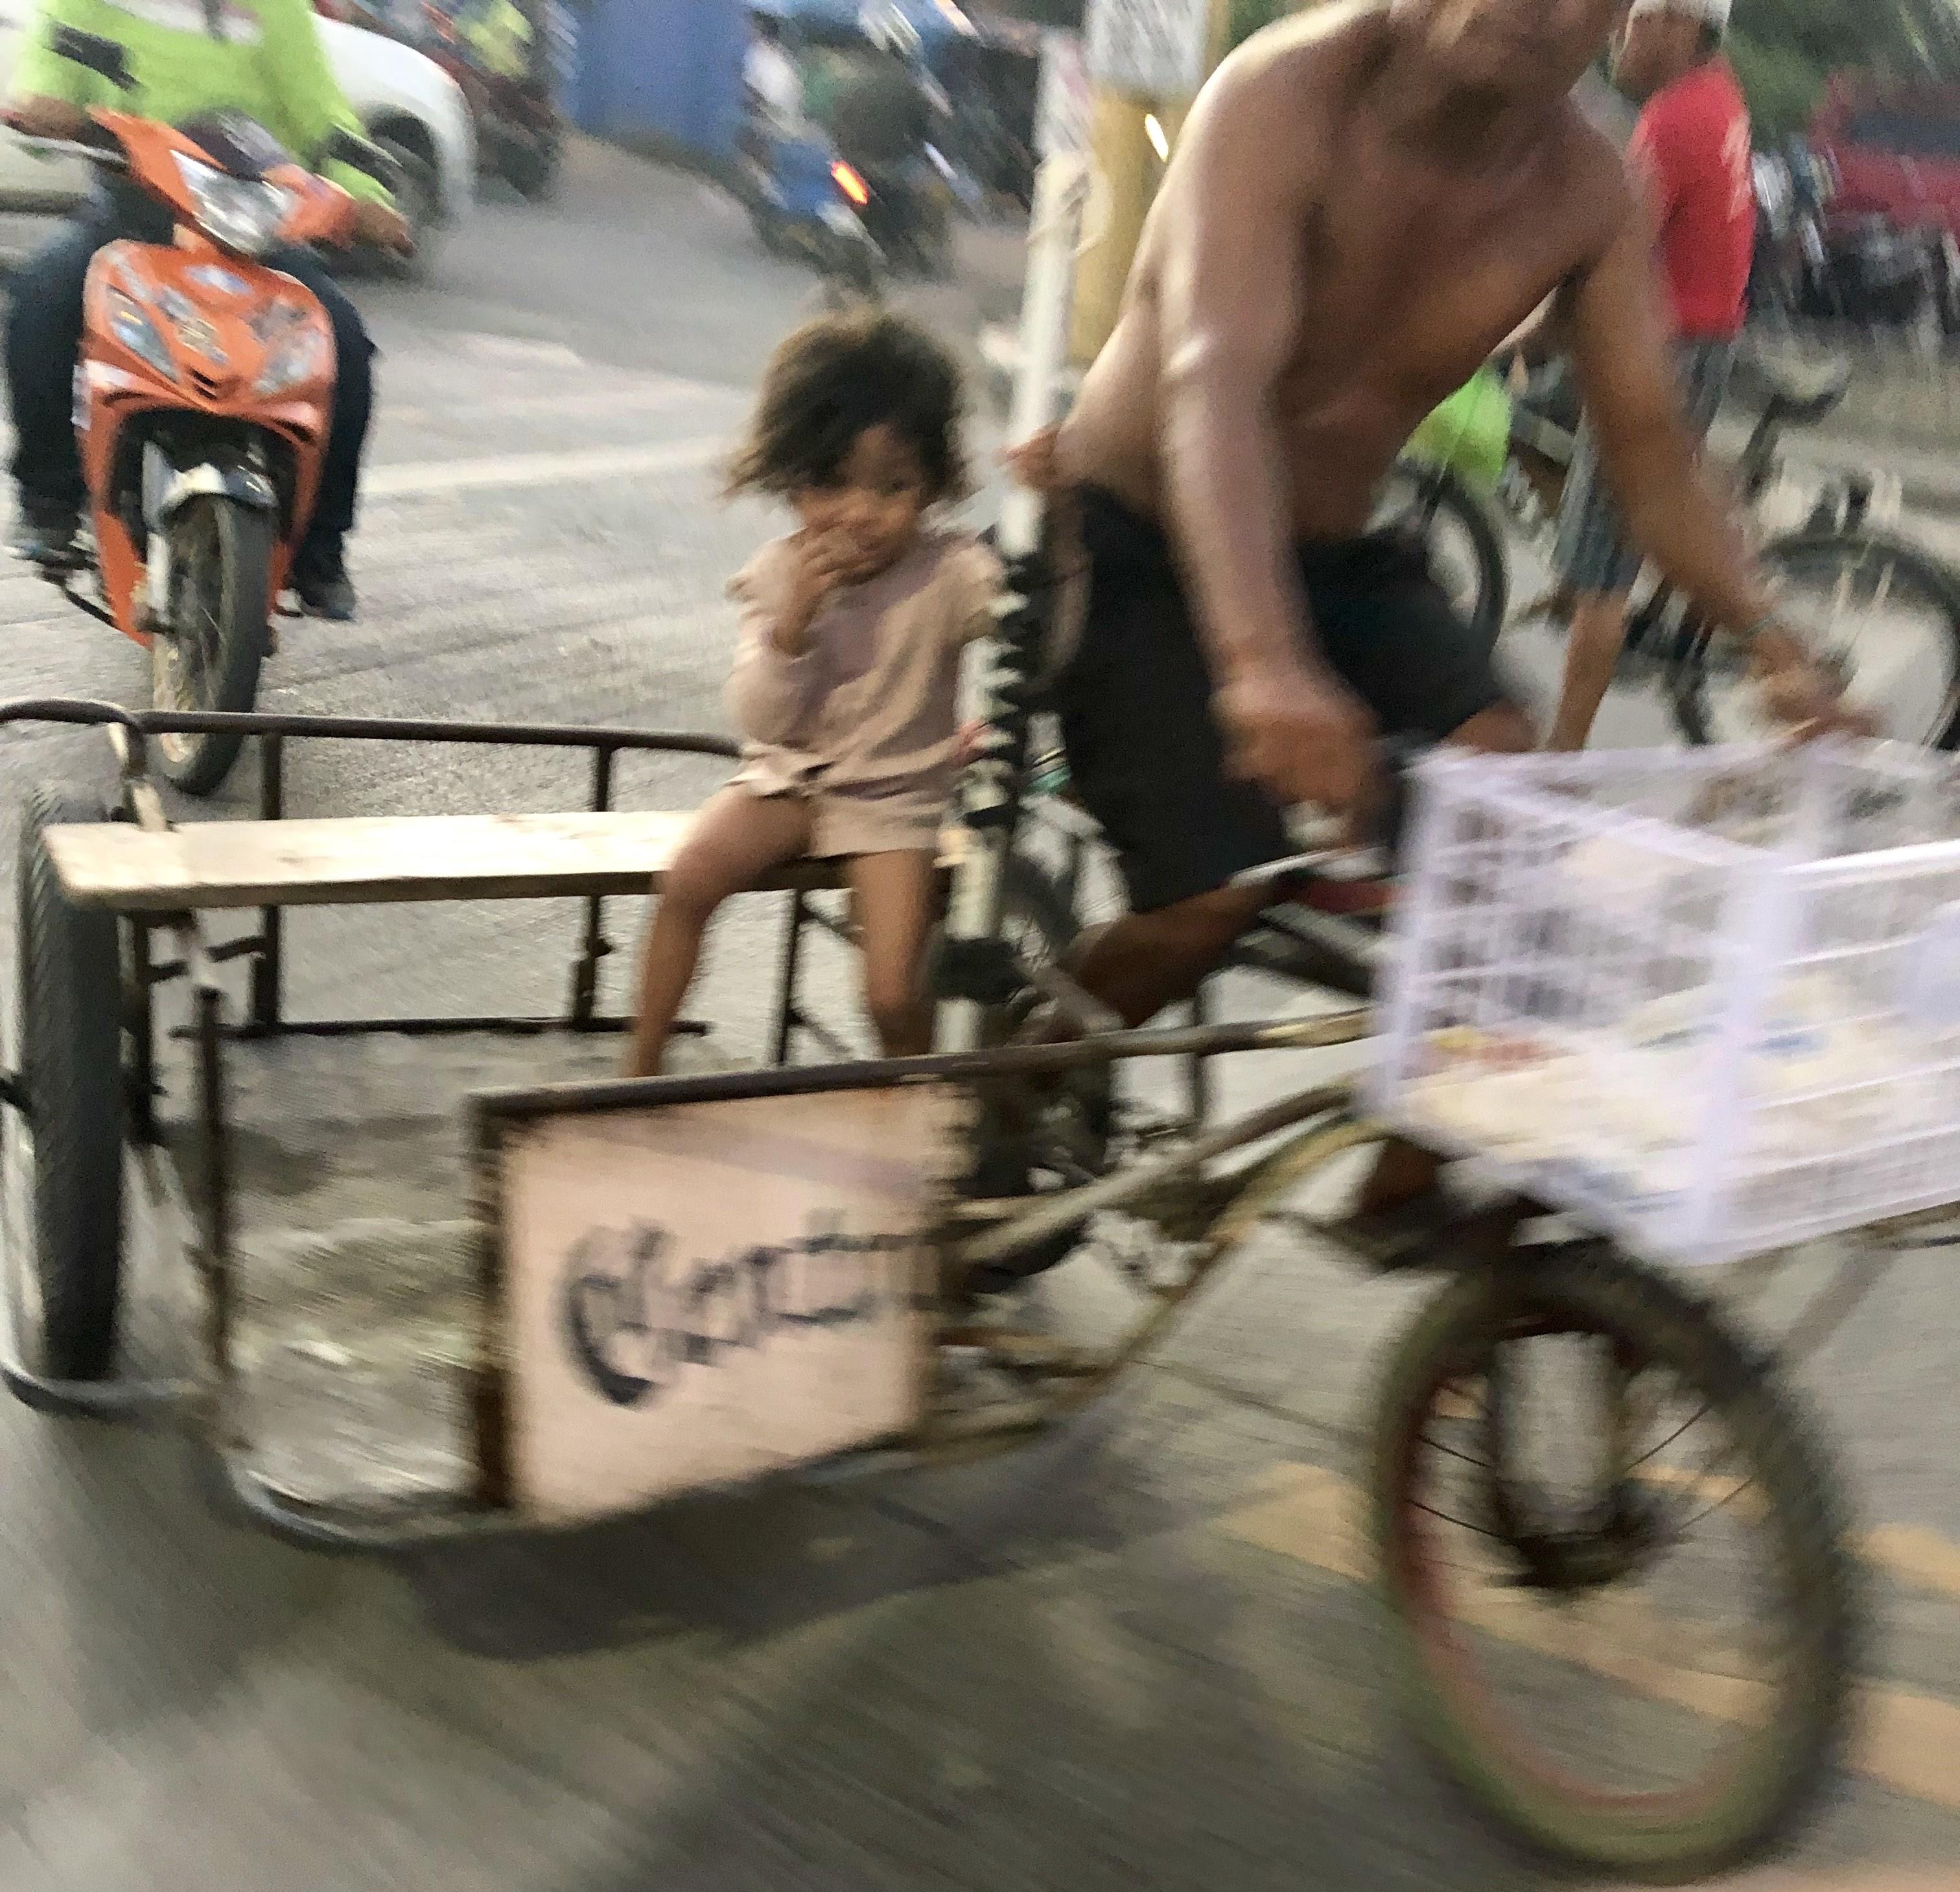 Petite fille dans un side velo a Cebu. Pollution et misère